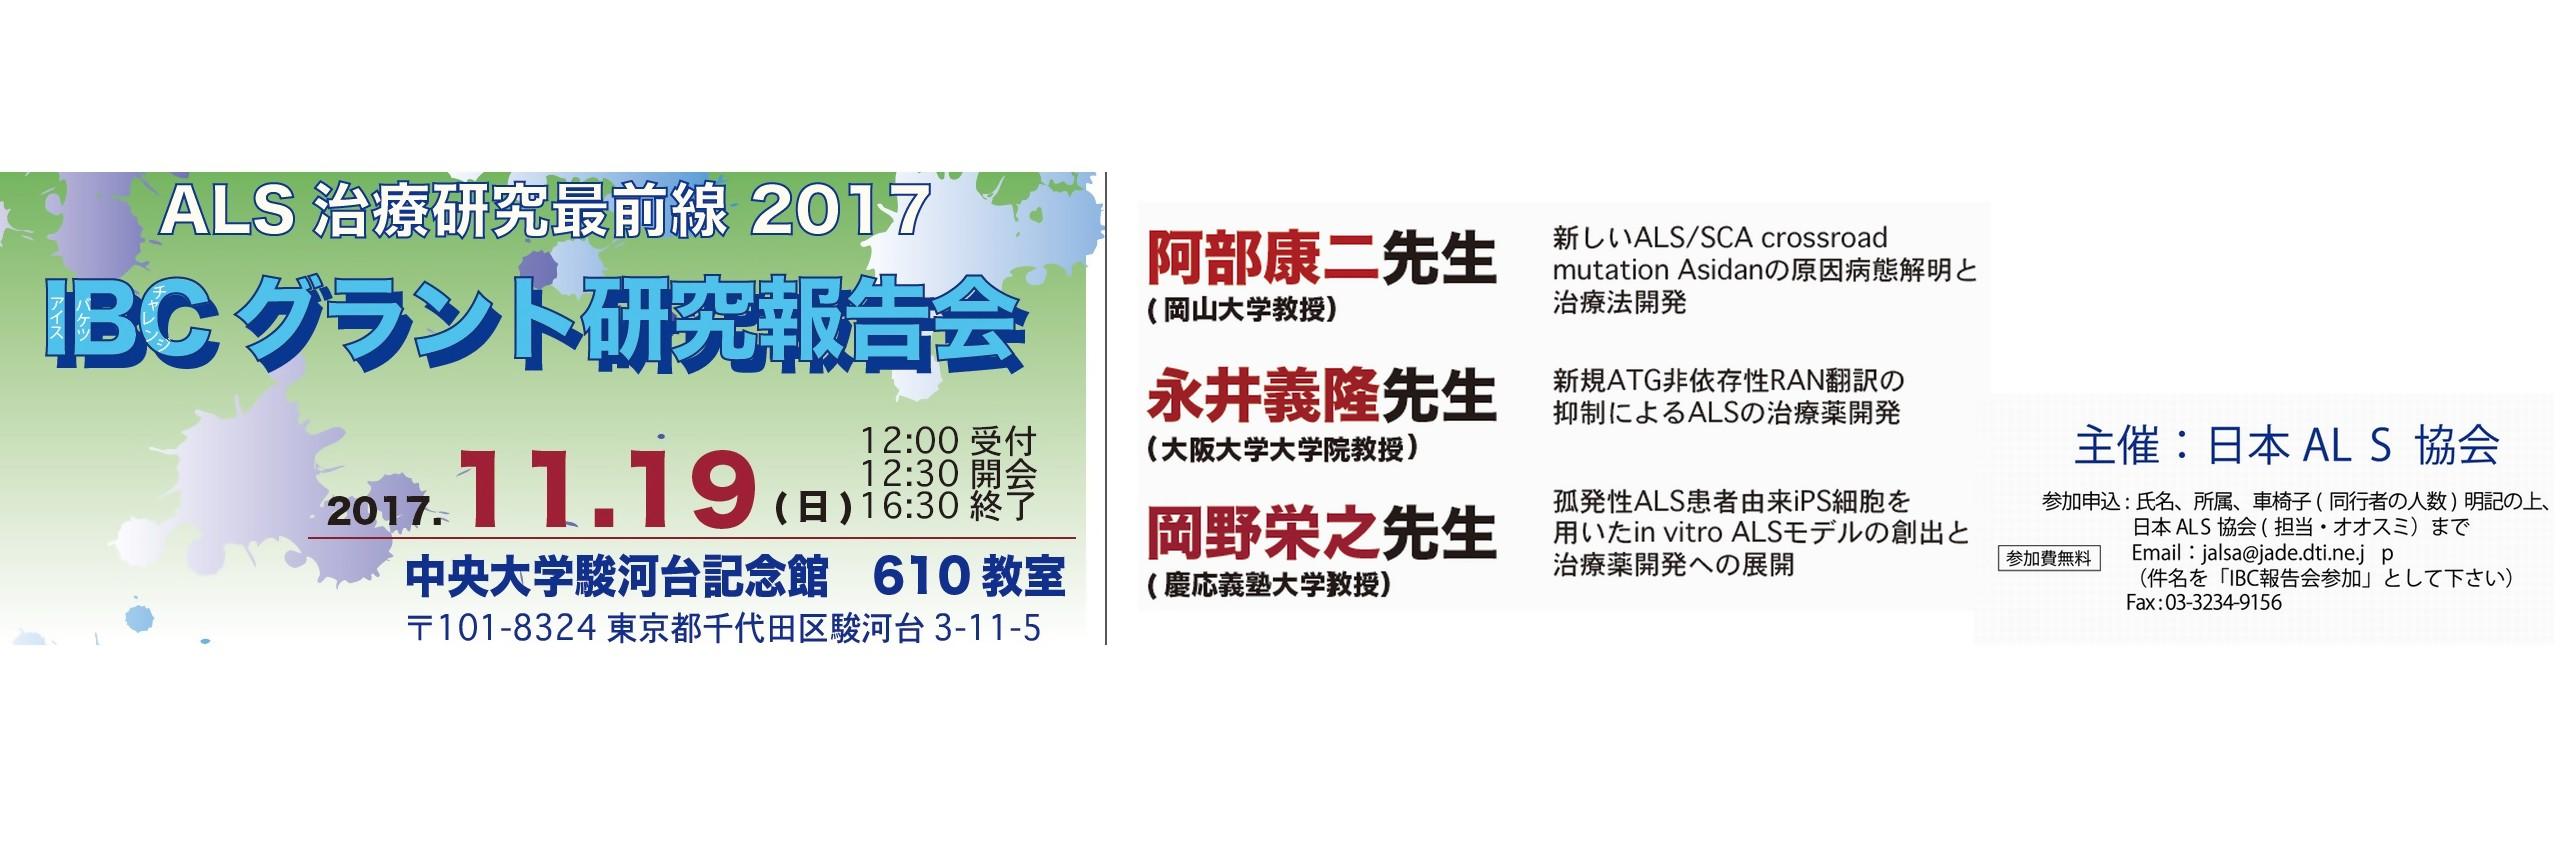 平成29年度IBCグラント研究報告会